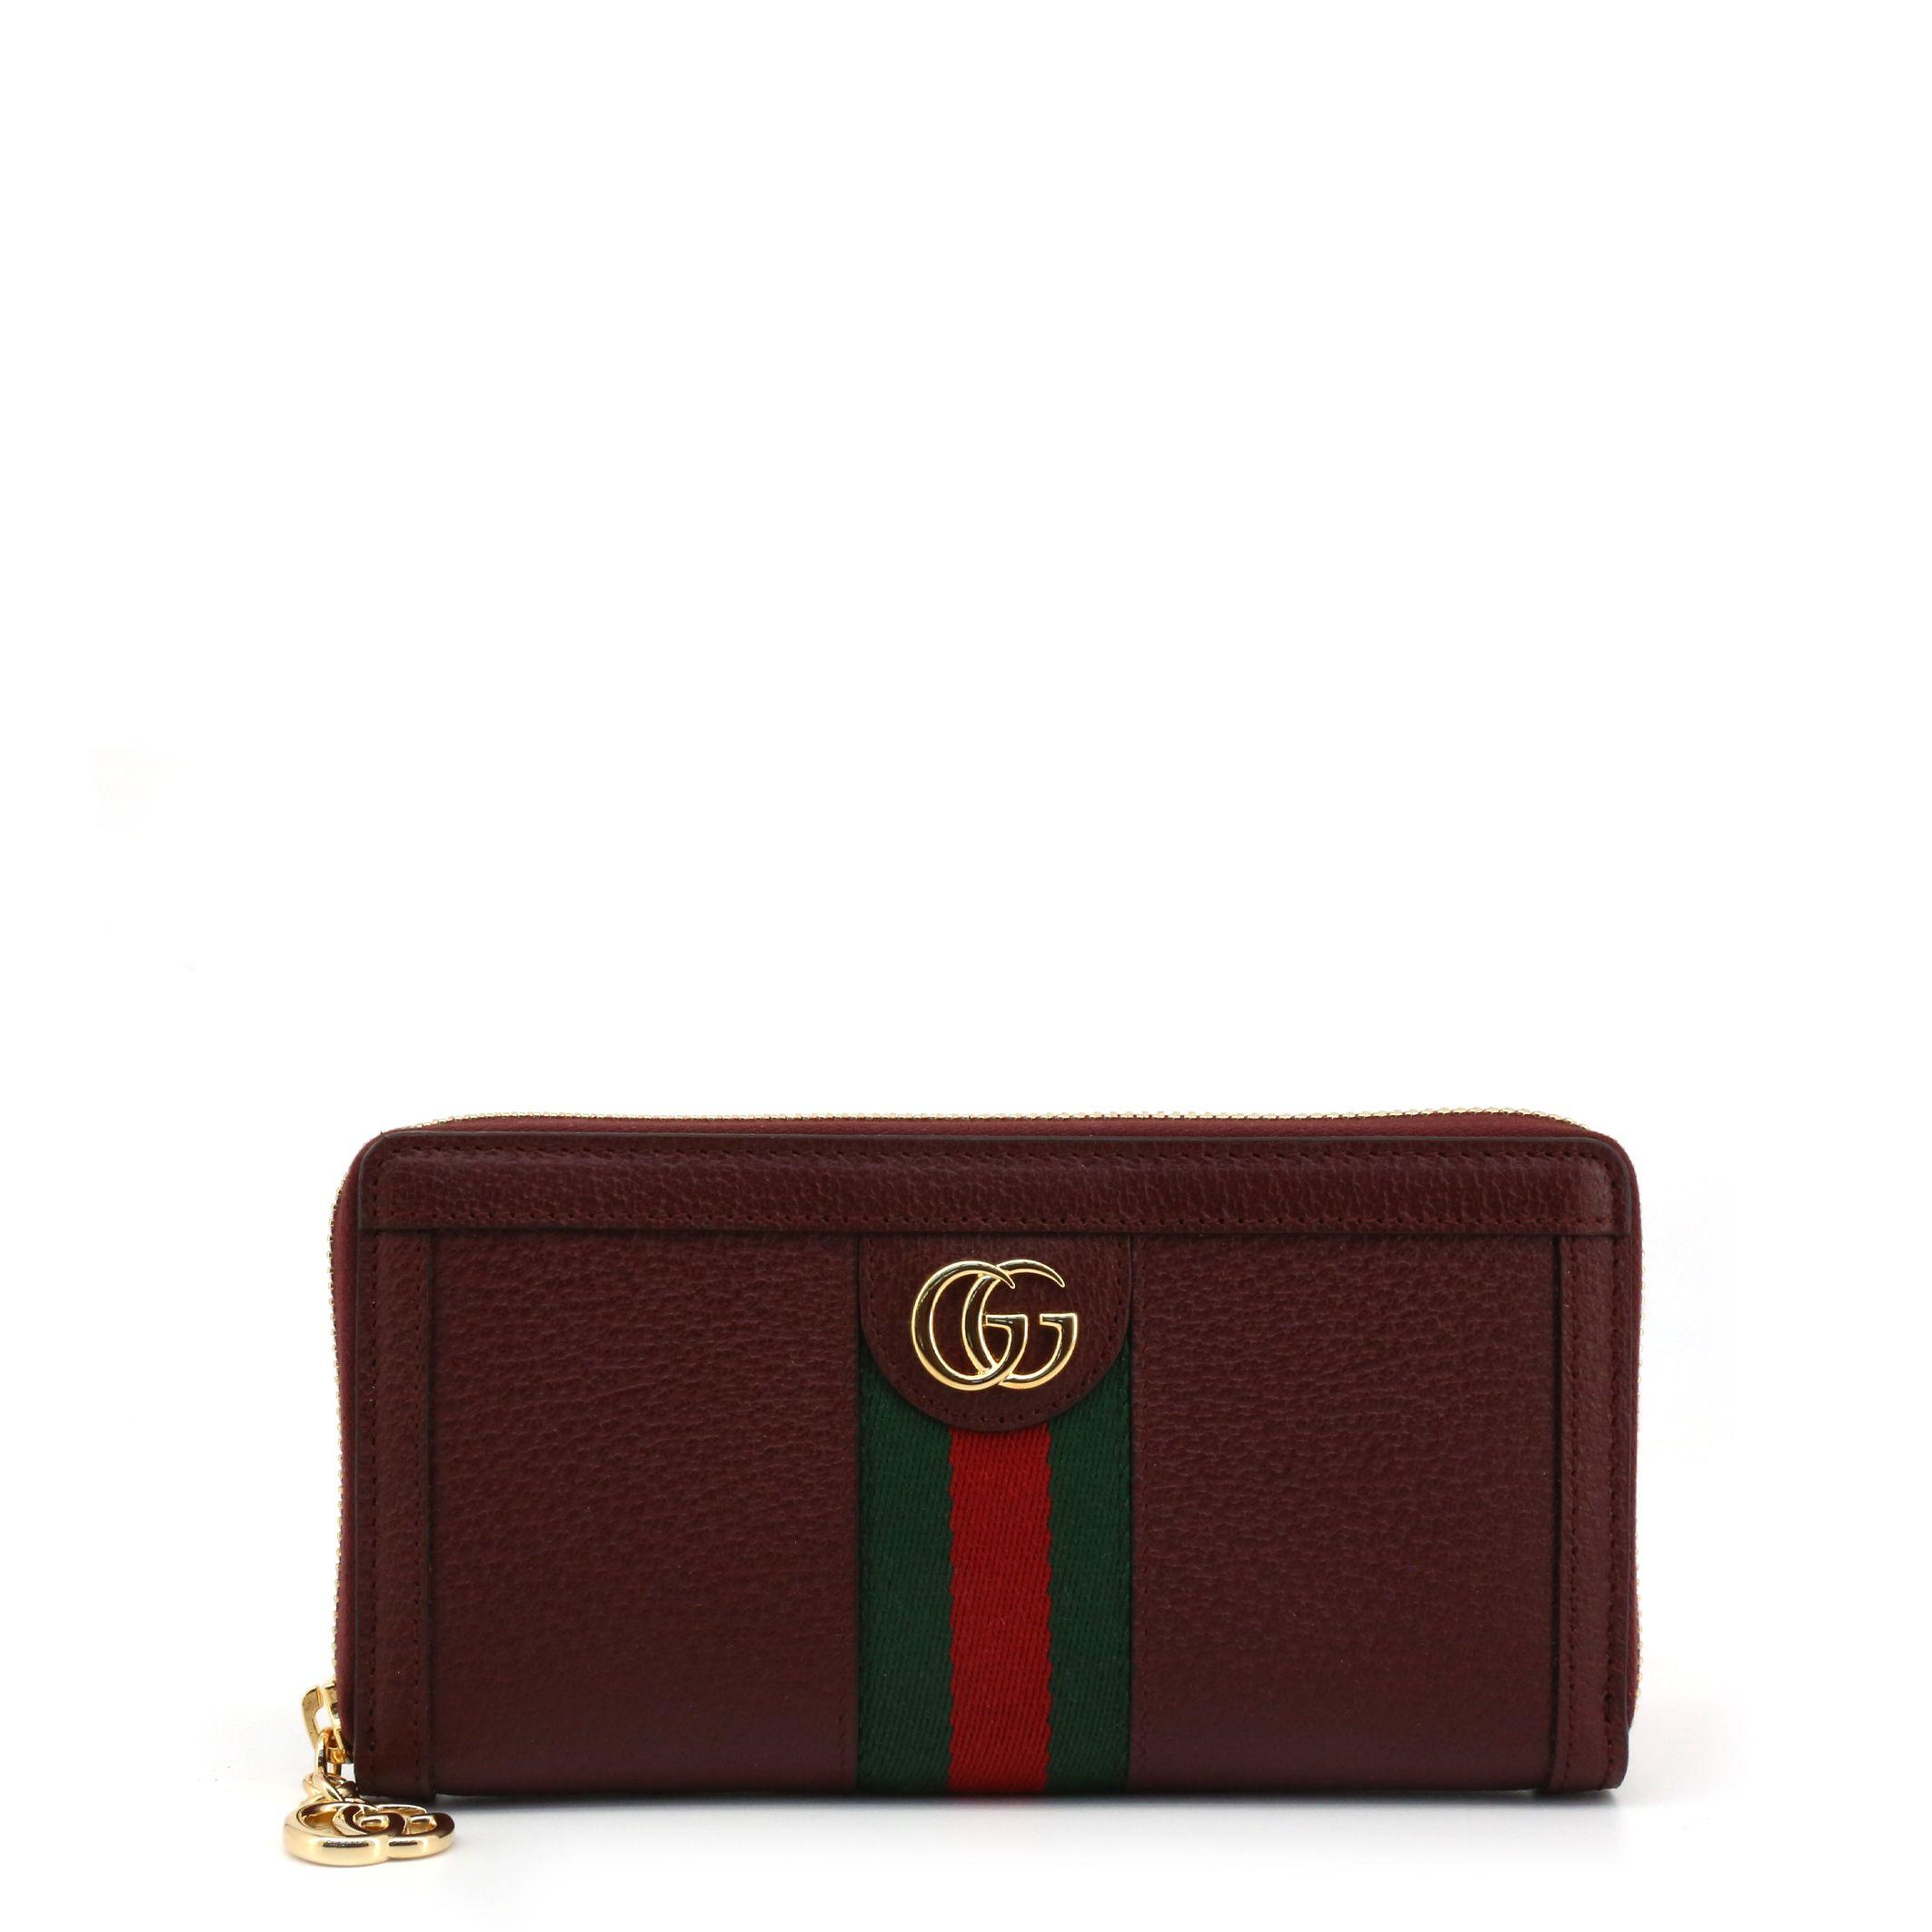 Gucci - 523154_dj2dg - rot 1